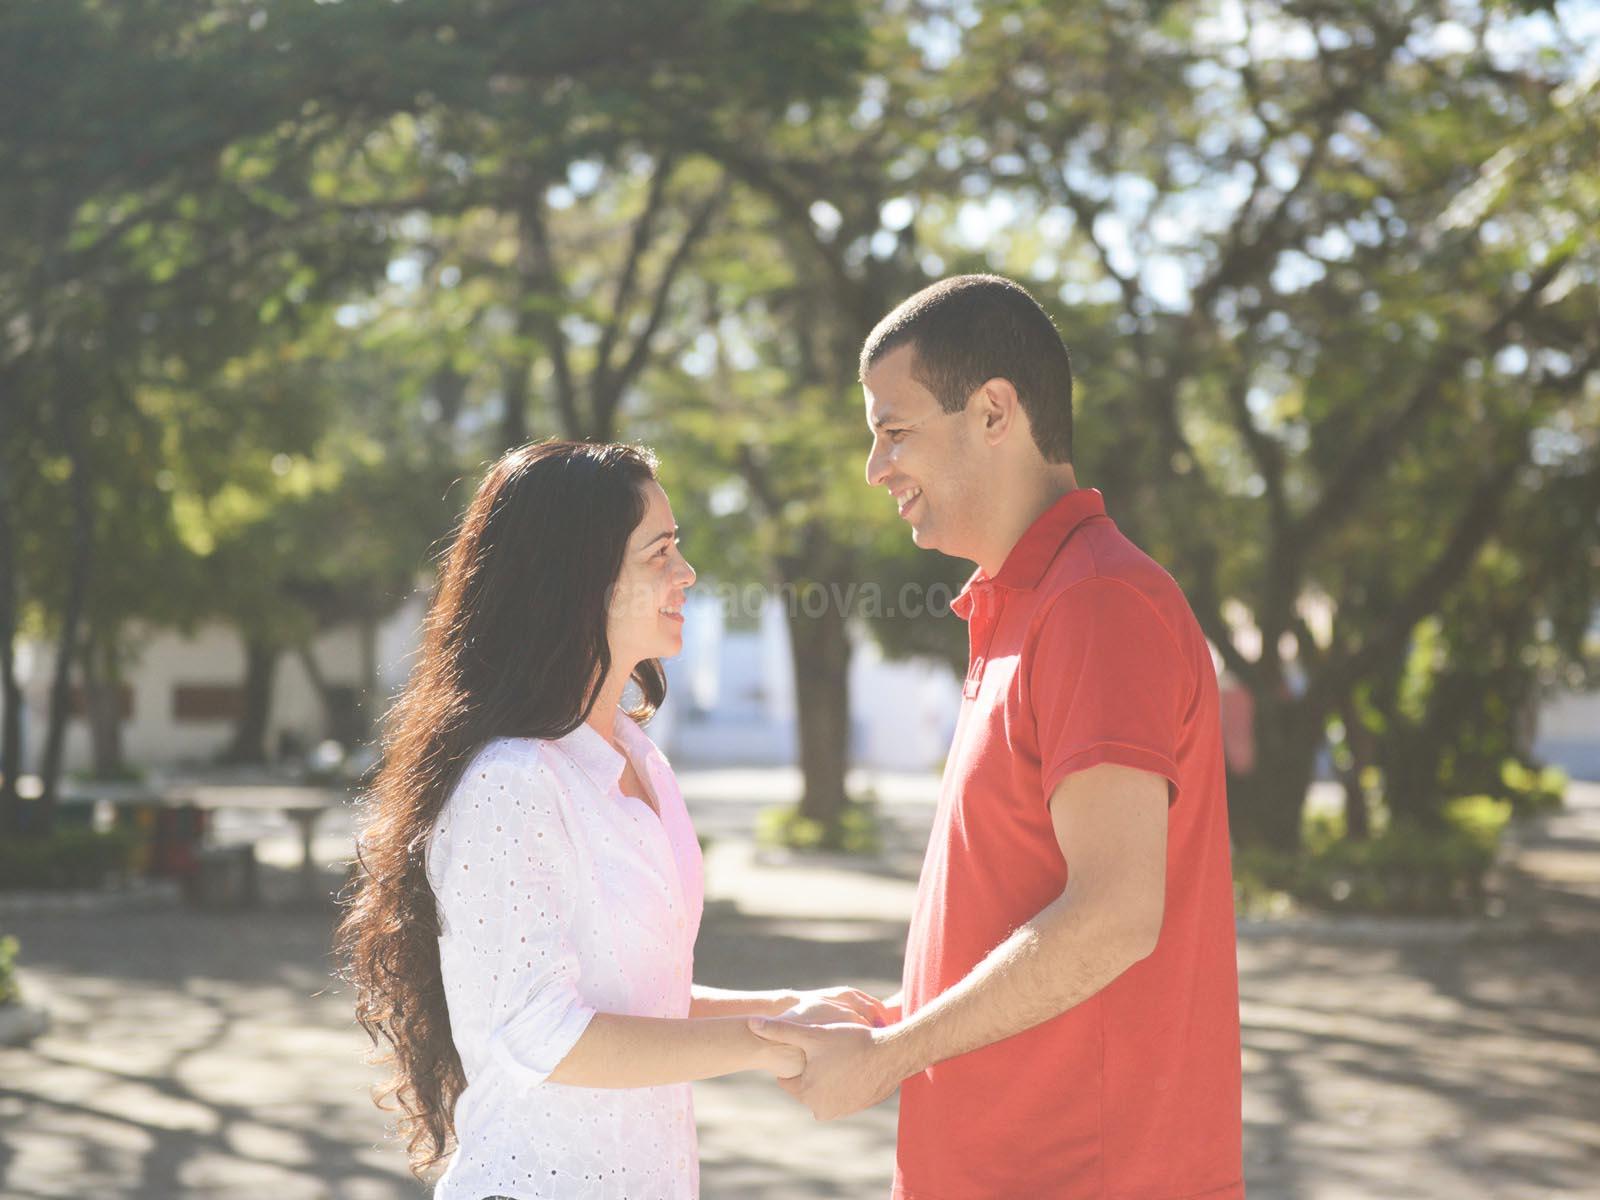 O amor é a capacidade de ver o outro de forma diferente